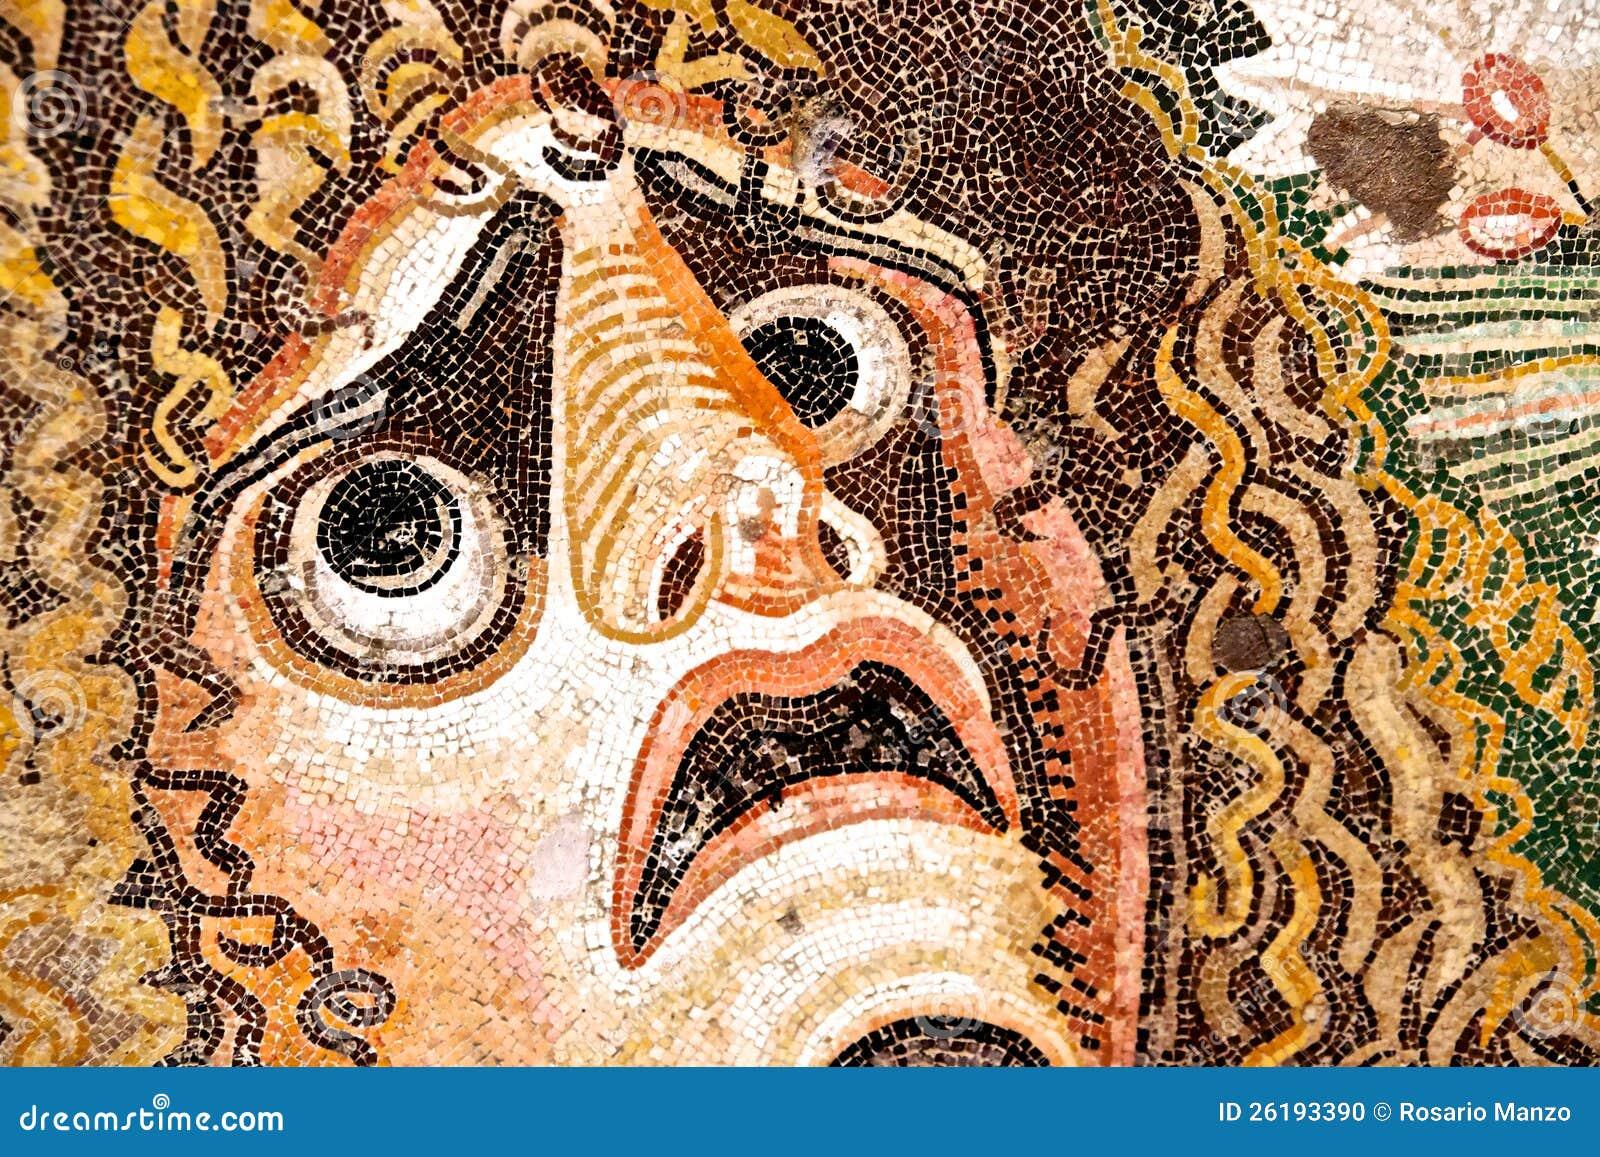 Mosaico romano antico fotografia stock immagine 26193390 for Mosaico romano